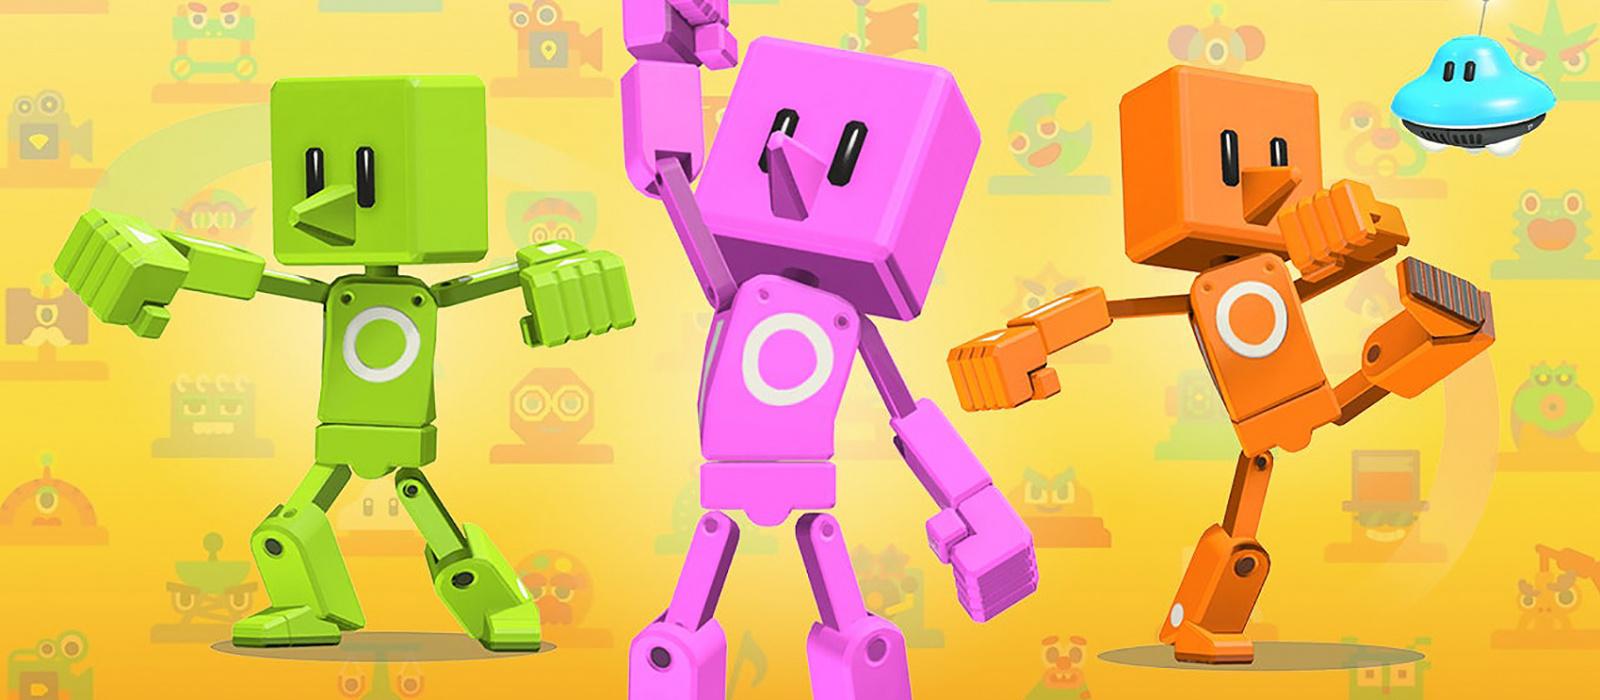 Nintendo Switch hat einen Konstruktor veröffentlicht, mit dem Sie Ihre eigenen Spiele erstellen können